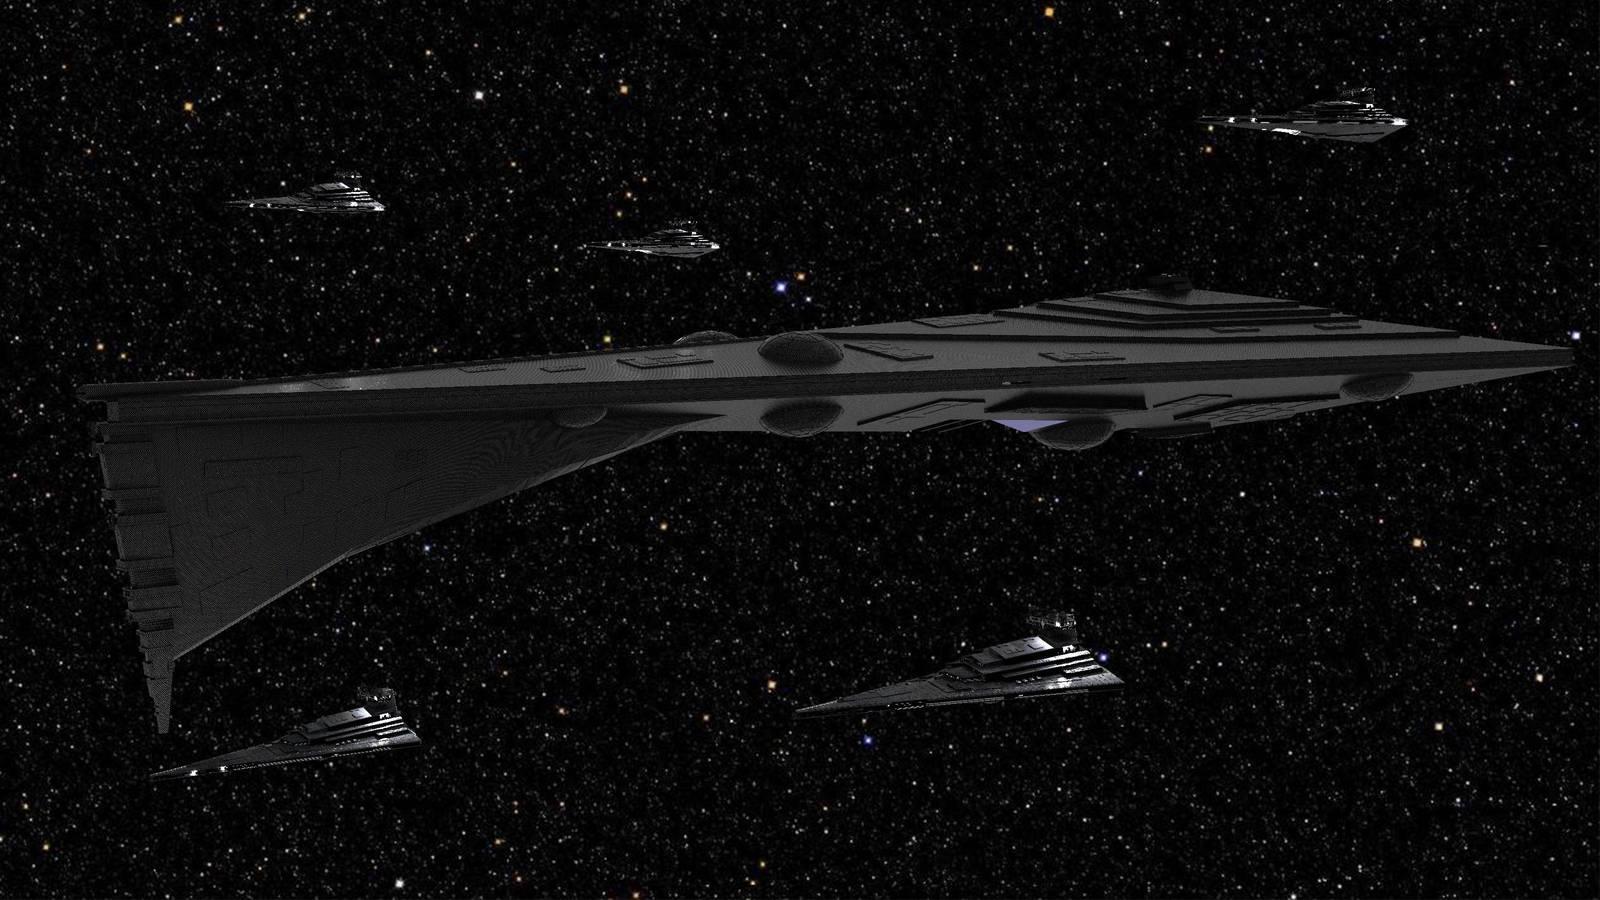 Star Wars - Eclipse Super Star Destroyer by Schnellchecker